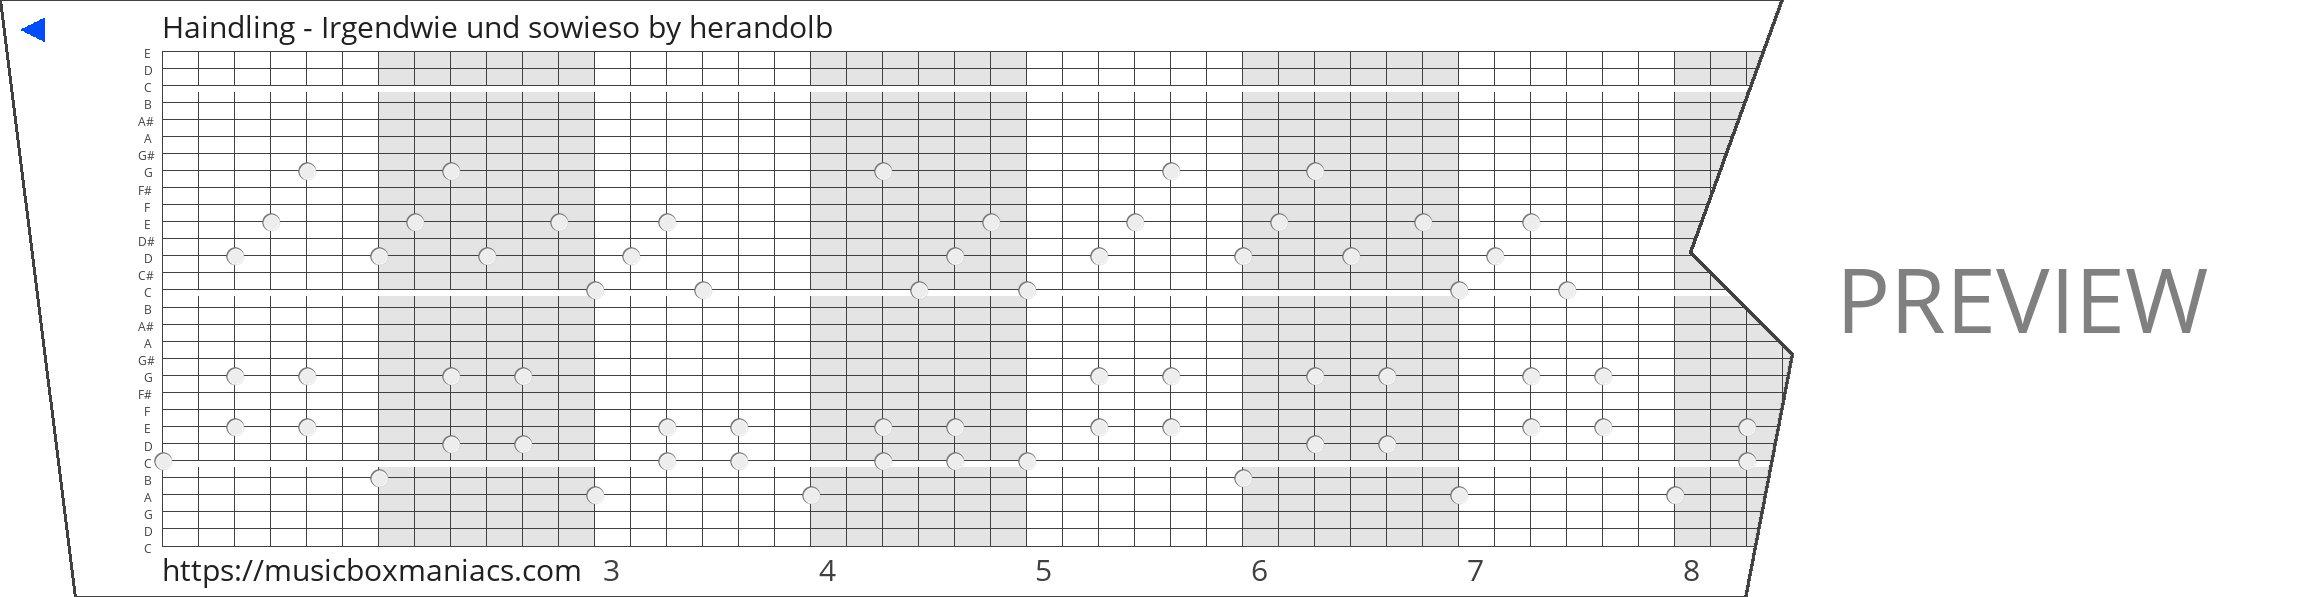 Haindling - Irgendwie und sowieso 30 note music box paper strip